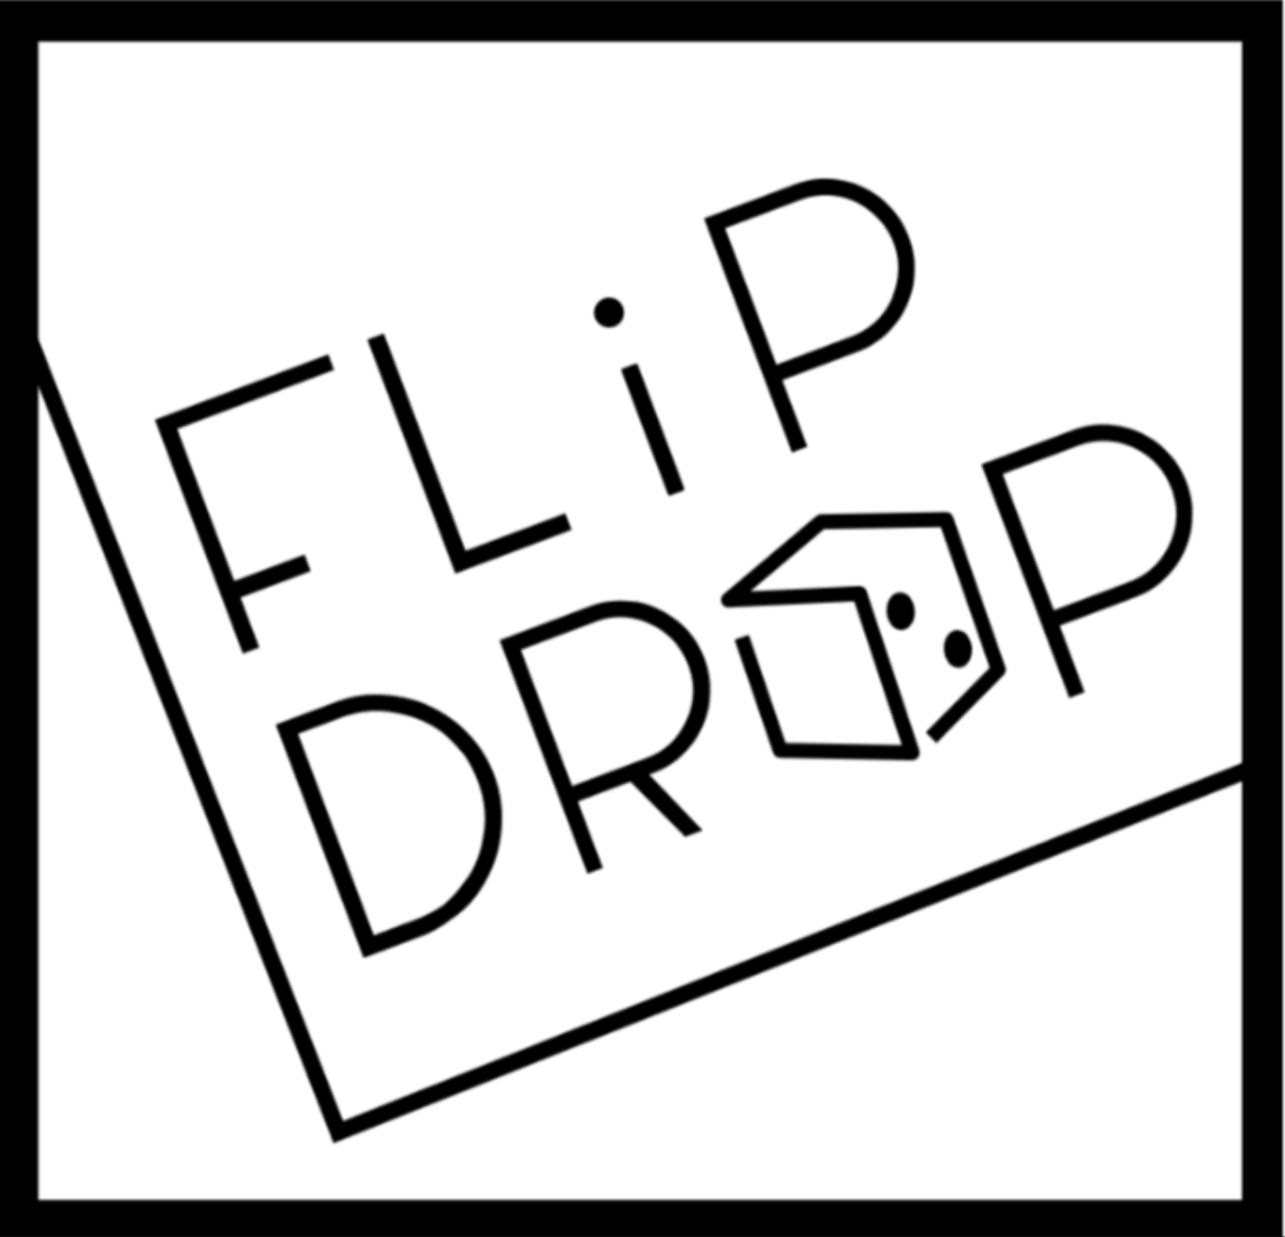 ボードゲームカフェ FLiP DROP(ボードゲームカフェフリップドロップ)